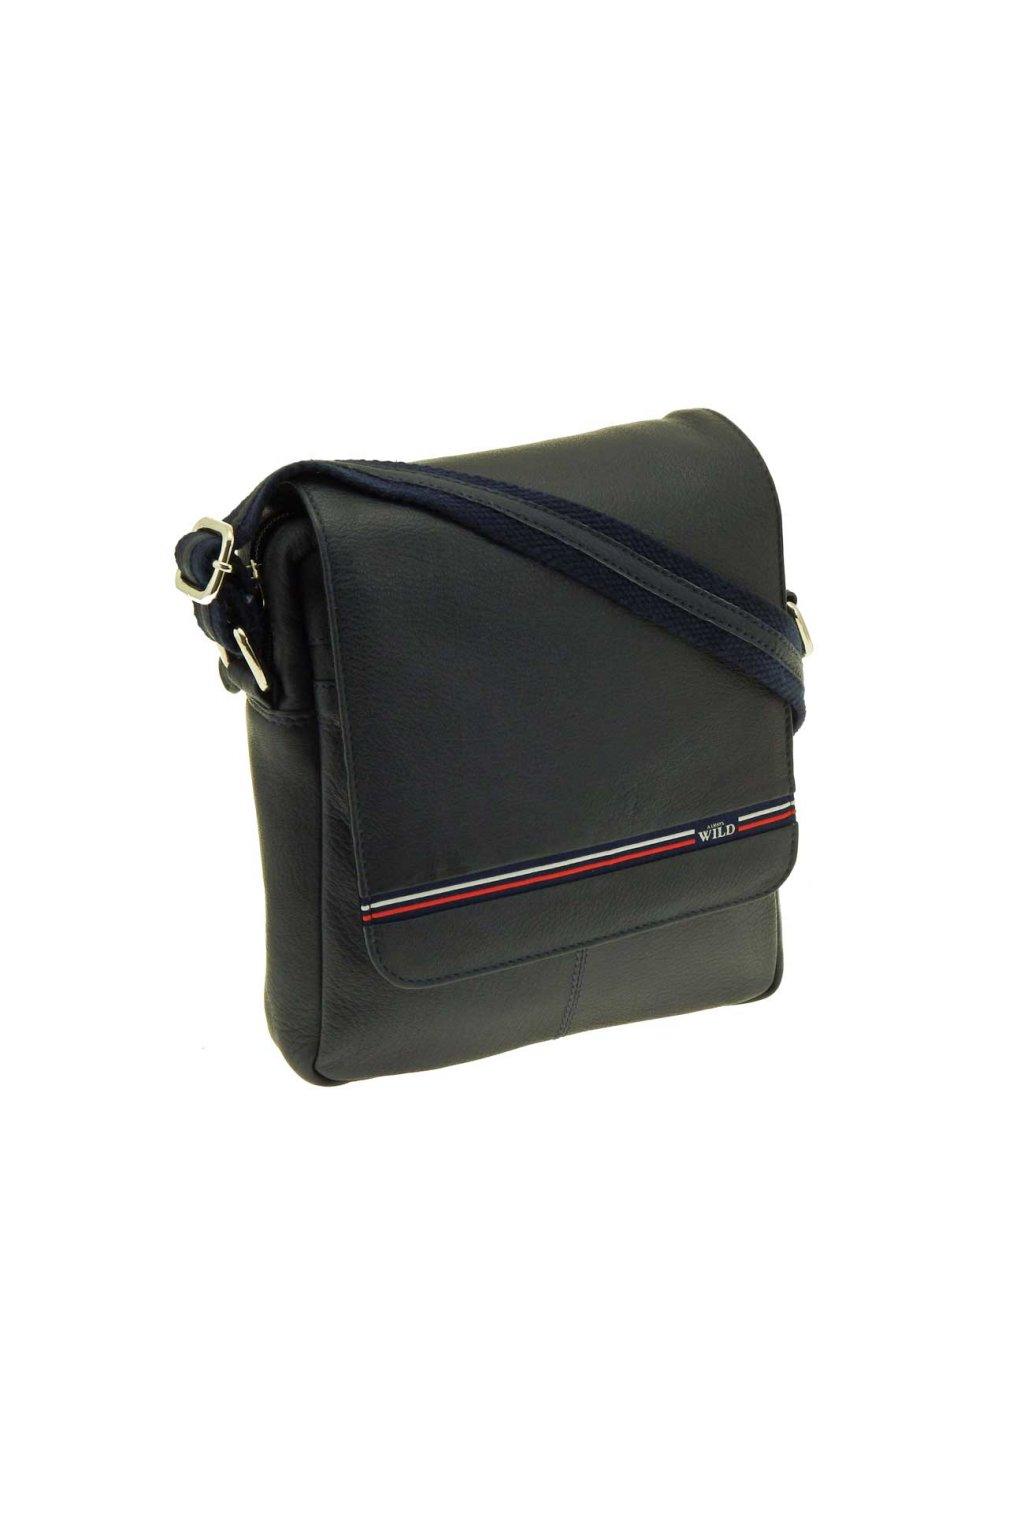 panska kozena taska pres rameno modra PKK43 W22